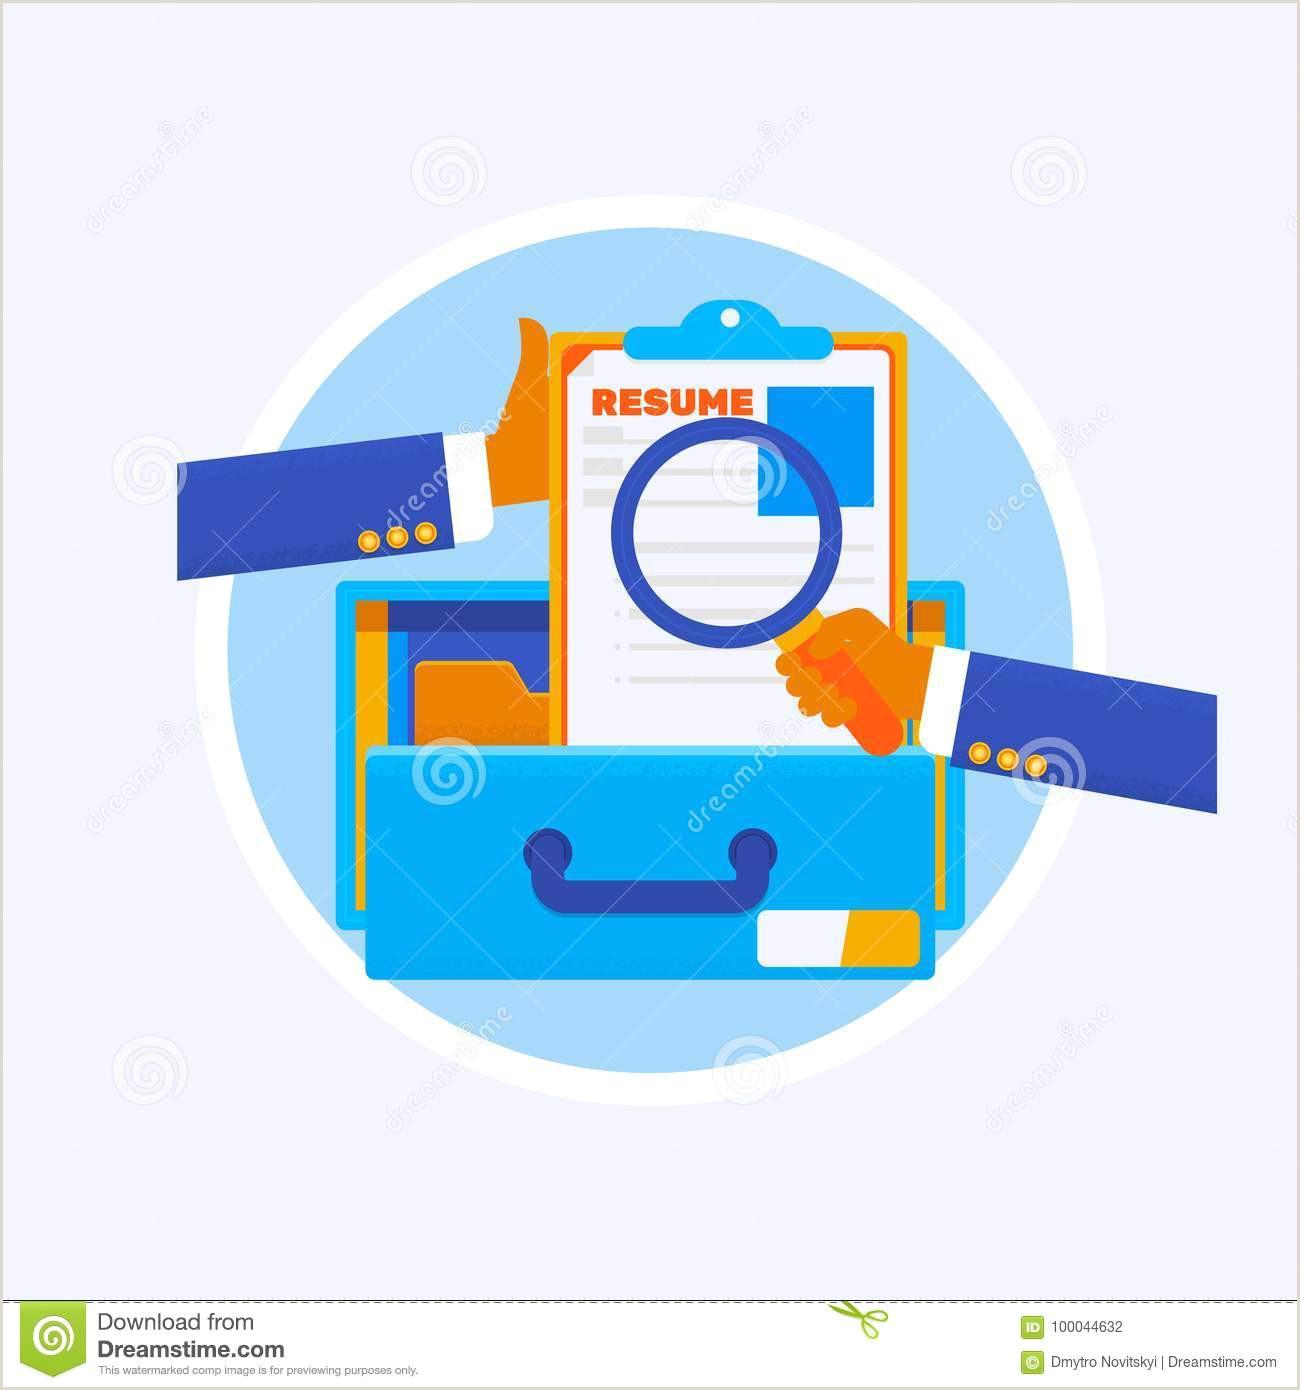 Curriculum Vitae Creativo Para Rellenar Gratis Curriculum Vitae O Uso Ilustraci³n Del Vector Ilustraci³n